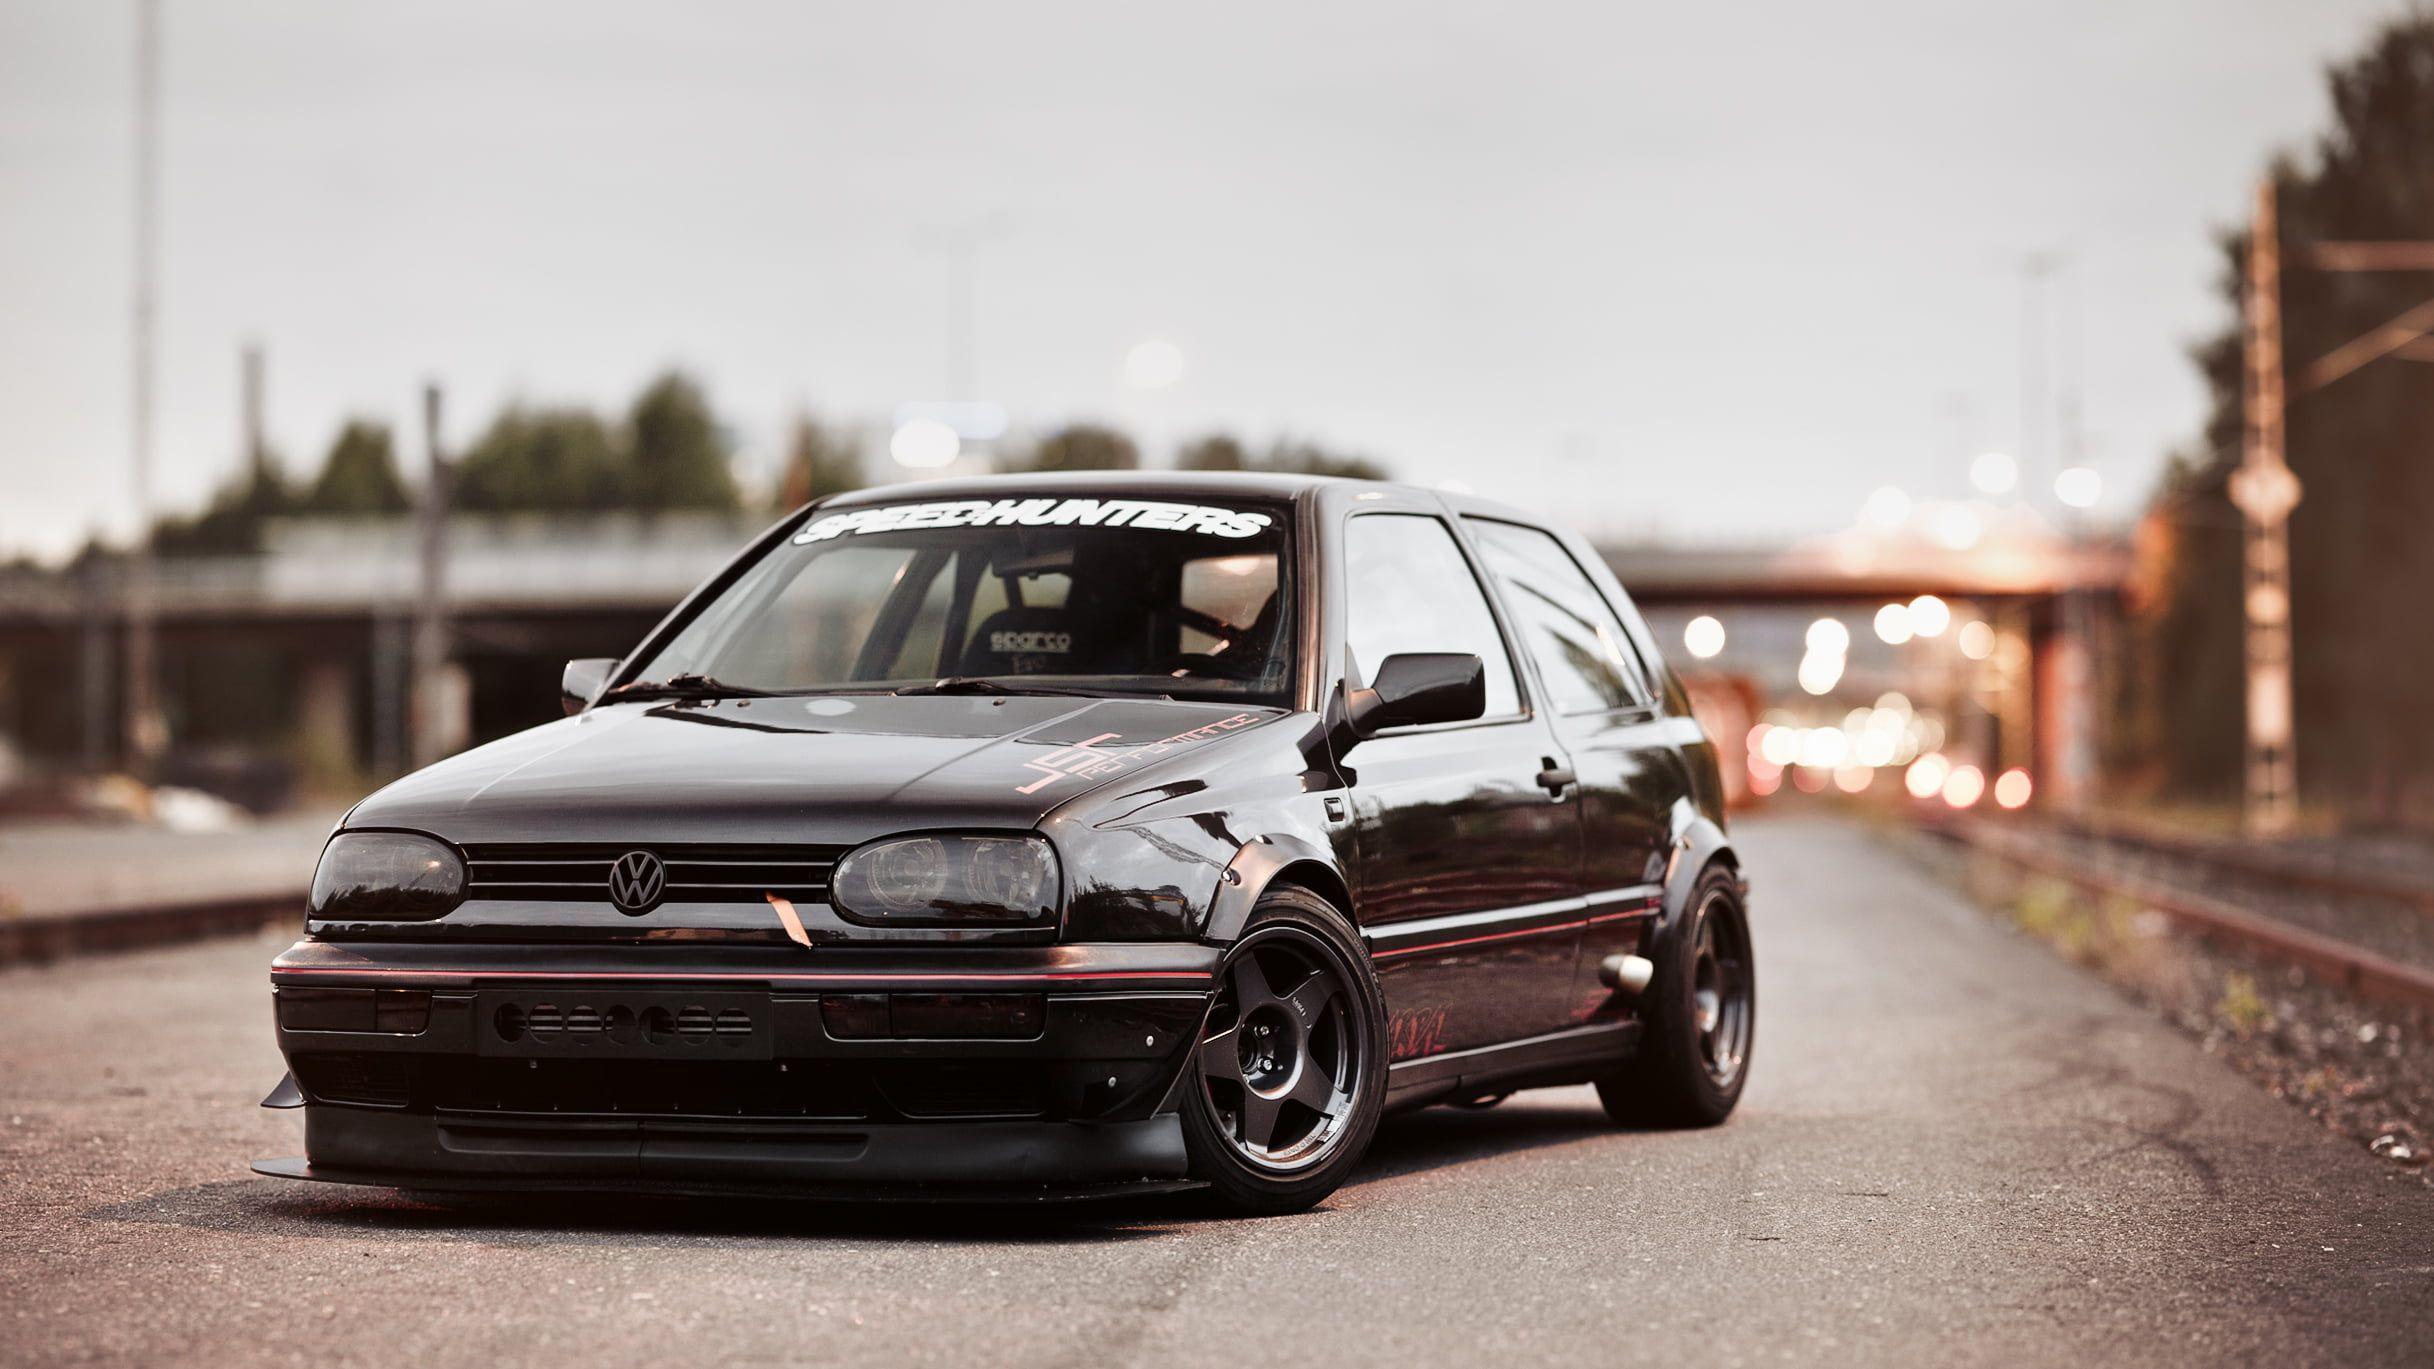 Black Volkswagen Golf Mk4 3 Door Hatchback Black Tuning Volkswagen Before Black Golf Golf Volkswagen Mk3 1080p Volkswagen Volkswagen Golf Hatchback